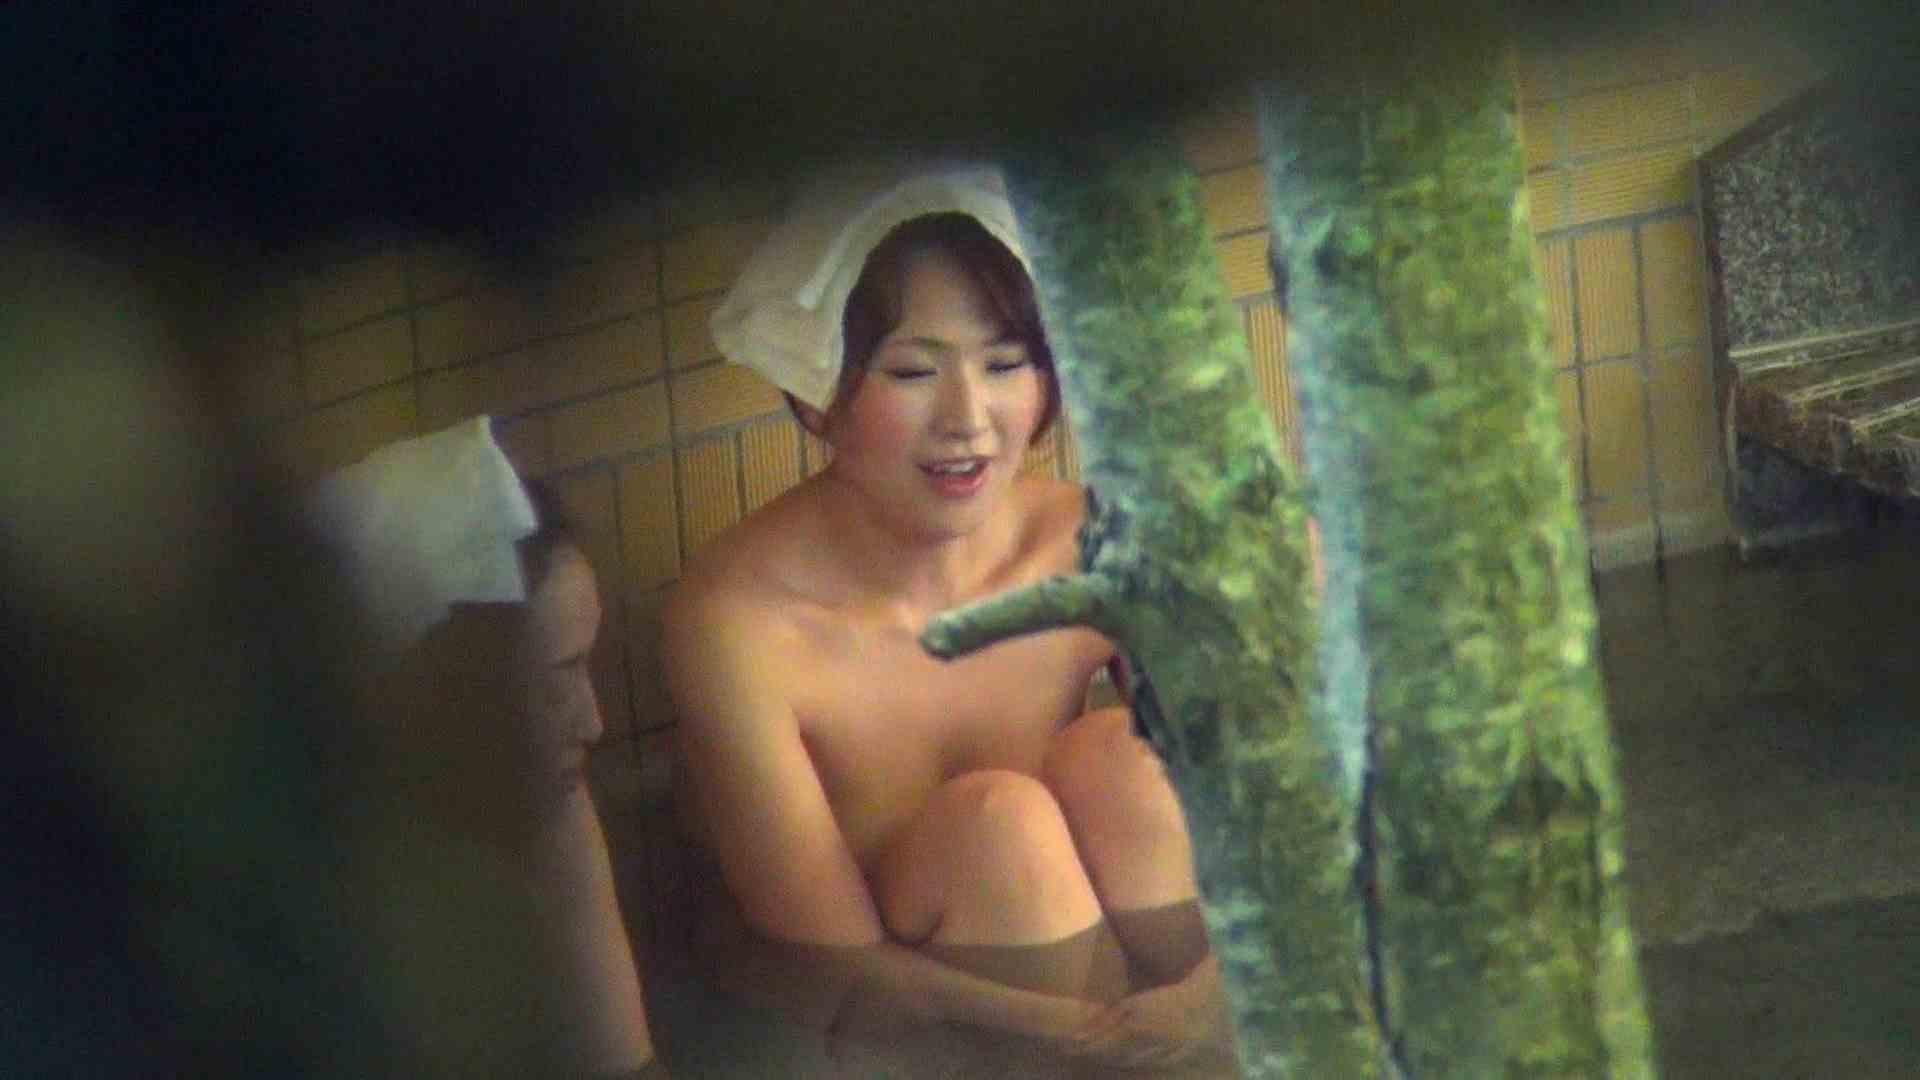 Aquaな露天風呂Vol.272 盗撮シリーズ  106PIX 14